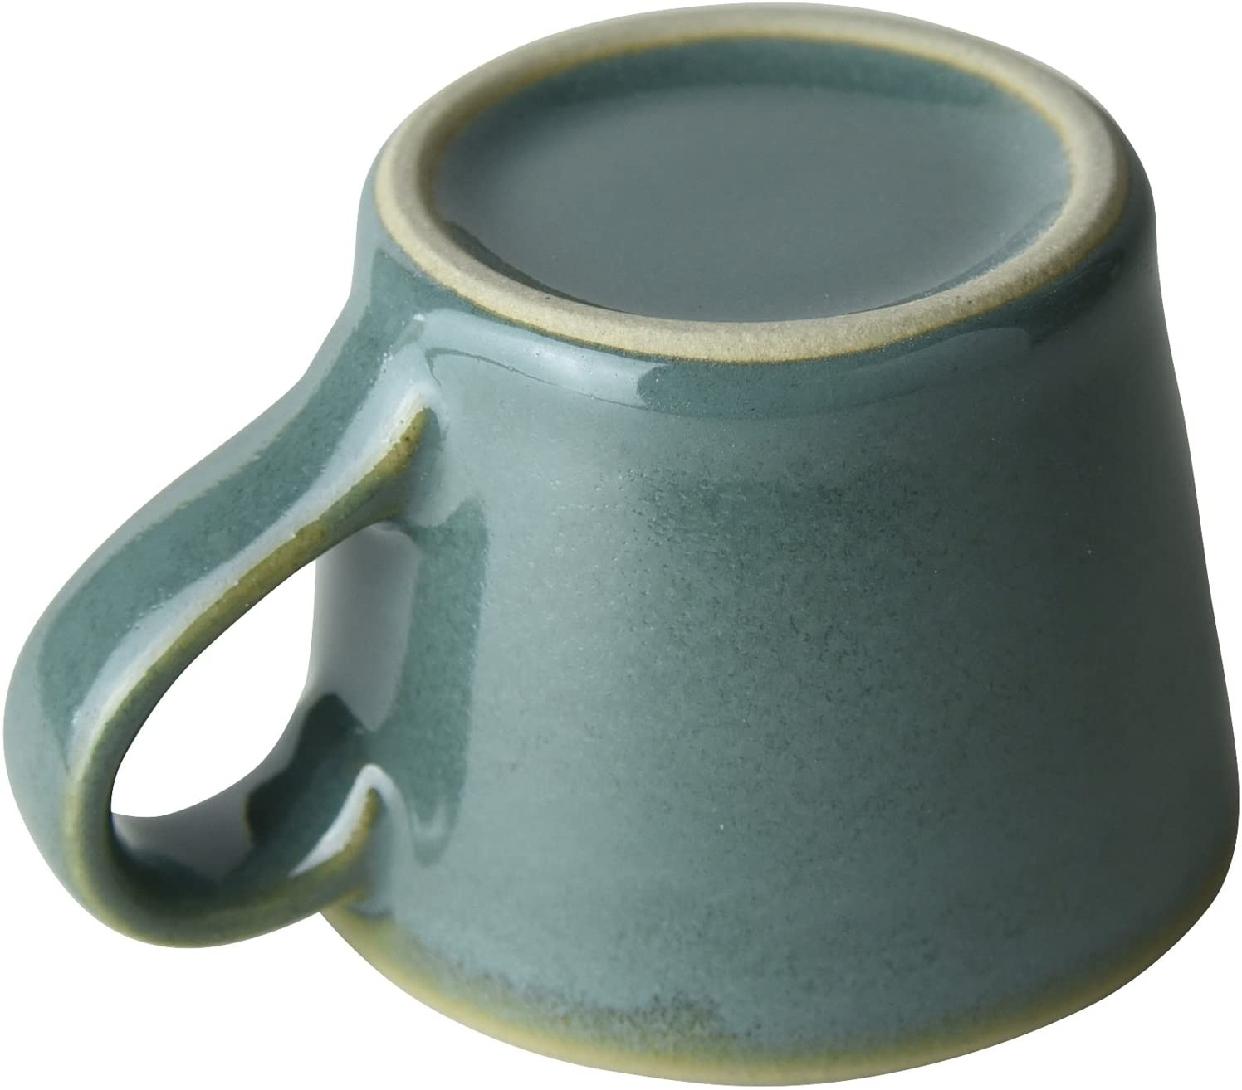 Tsukamoto 益子焼 デミタスカップの商品画像2